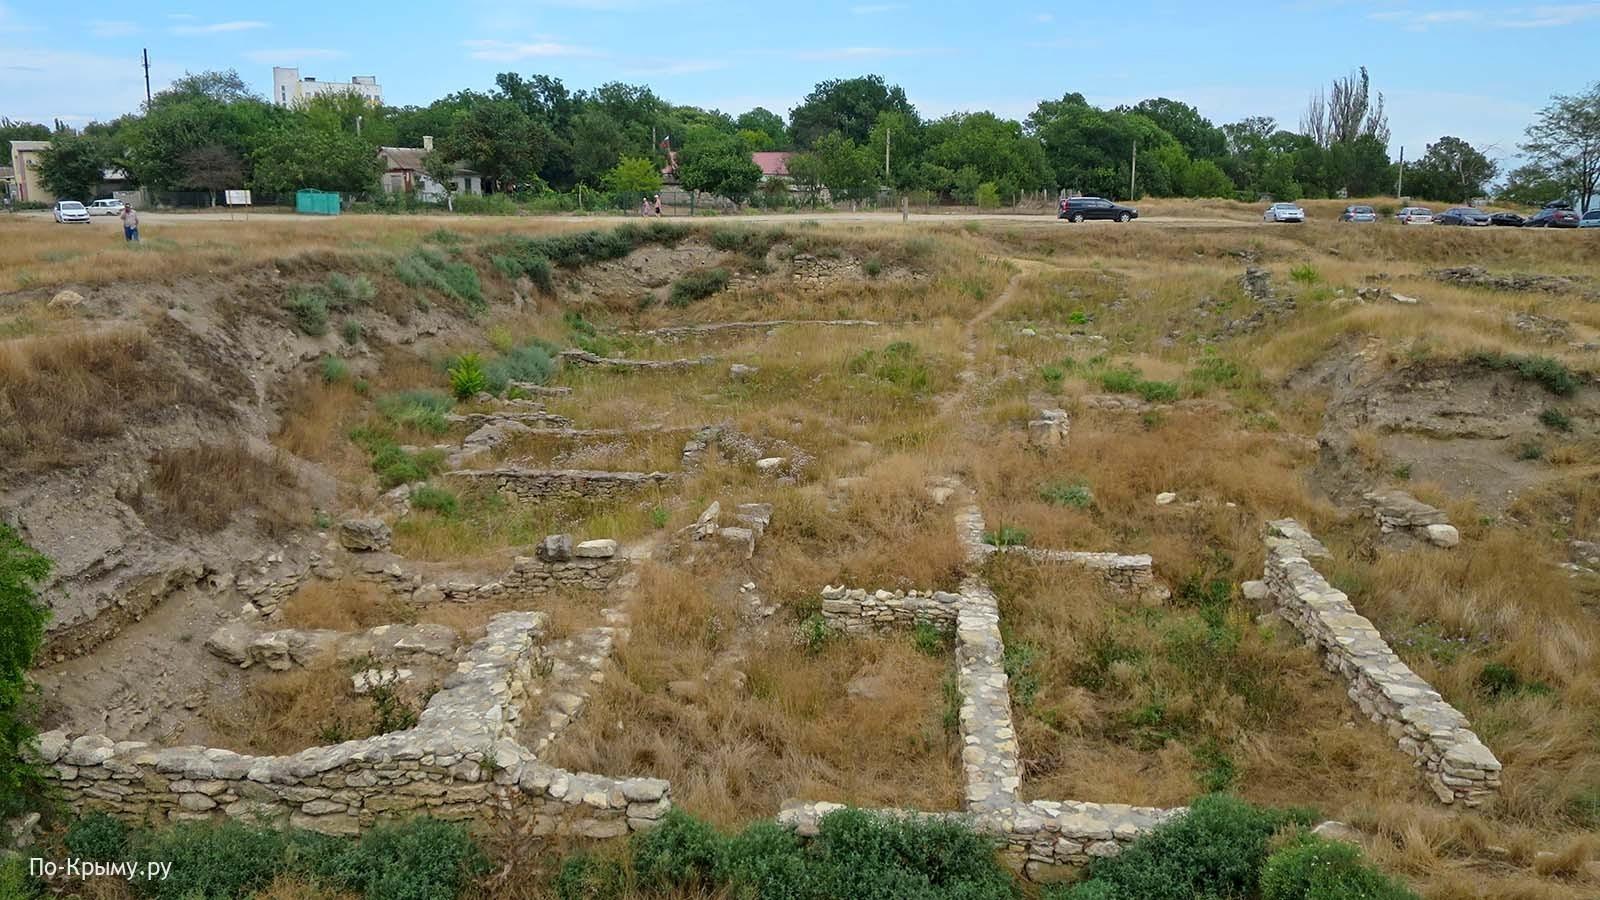 Античное городище Мирмекий, Керчь, Крым